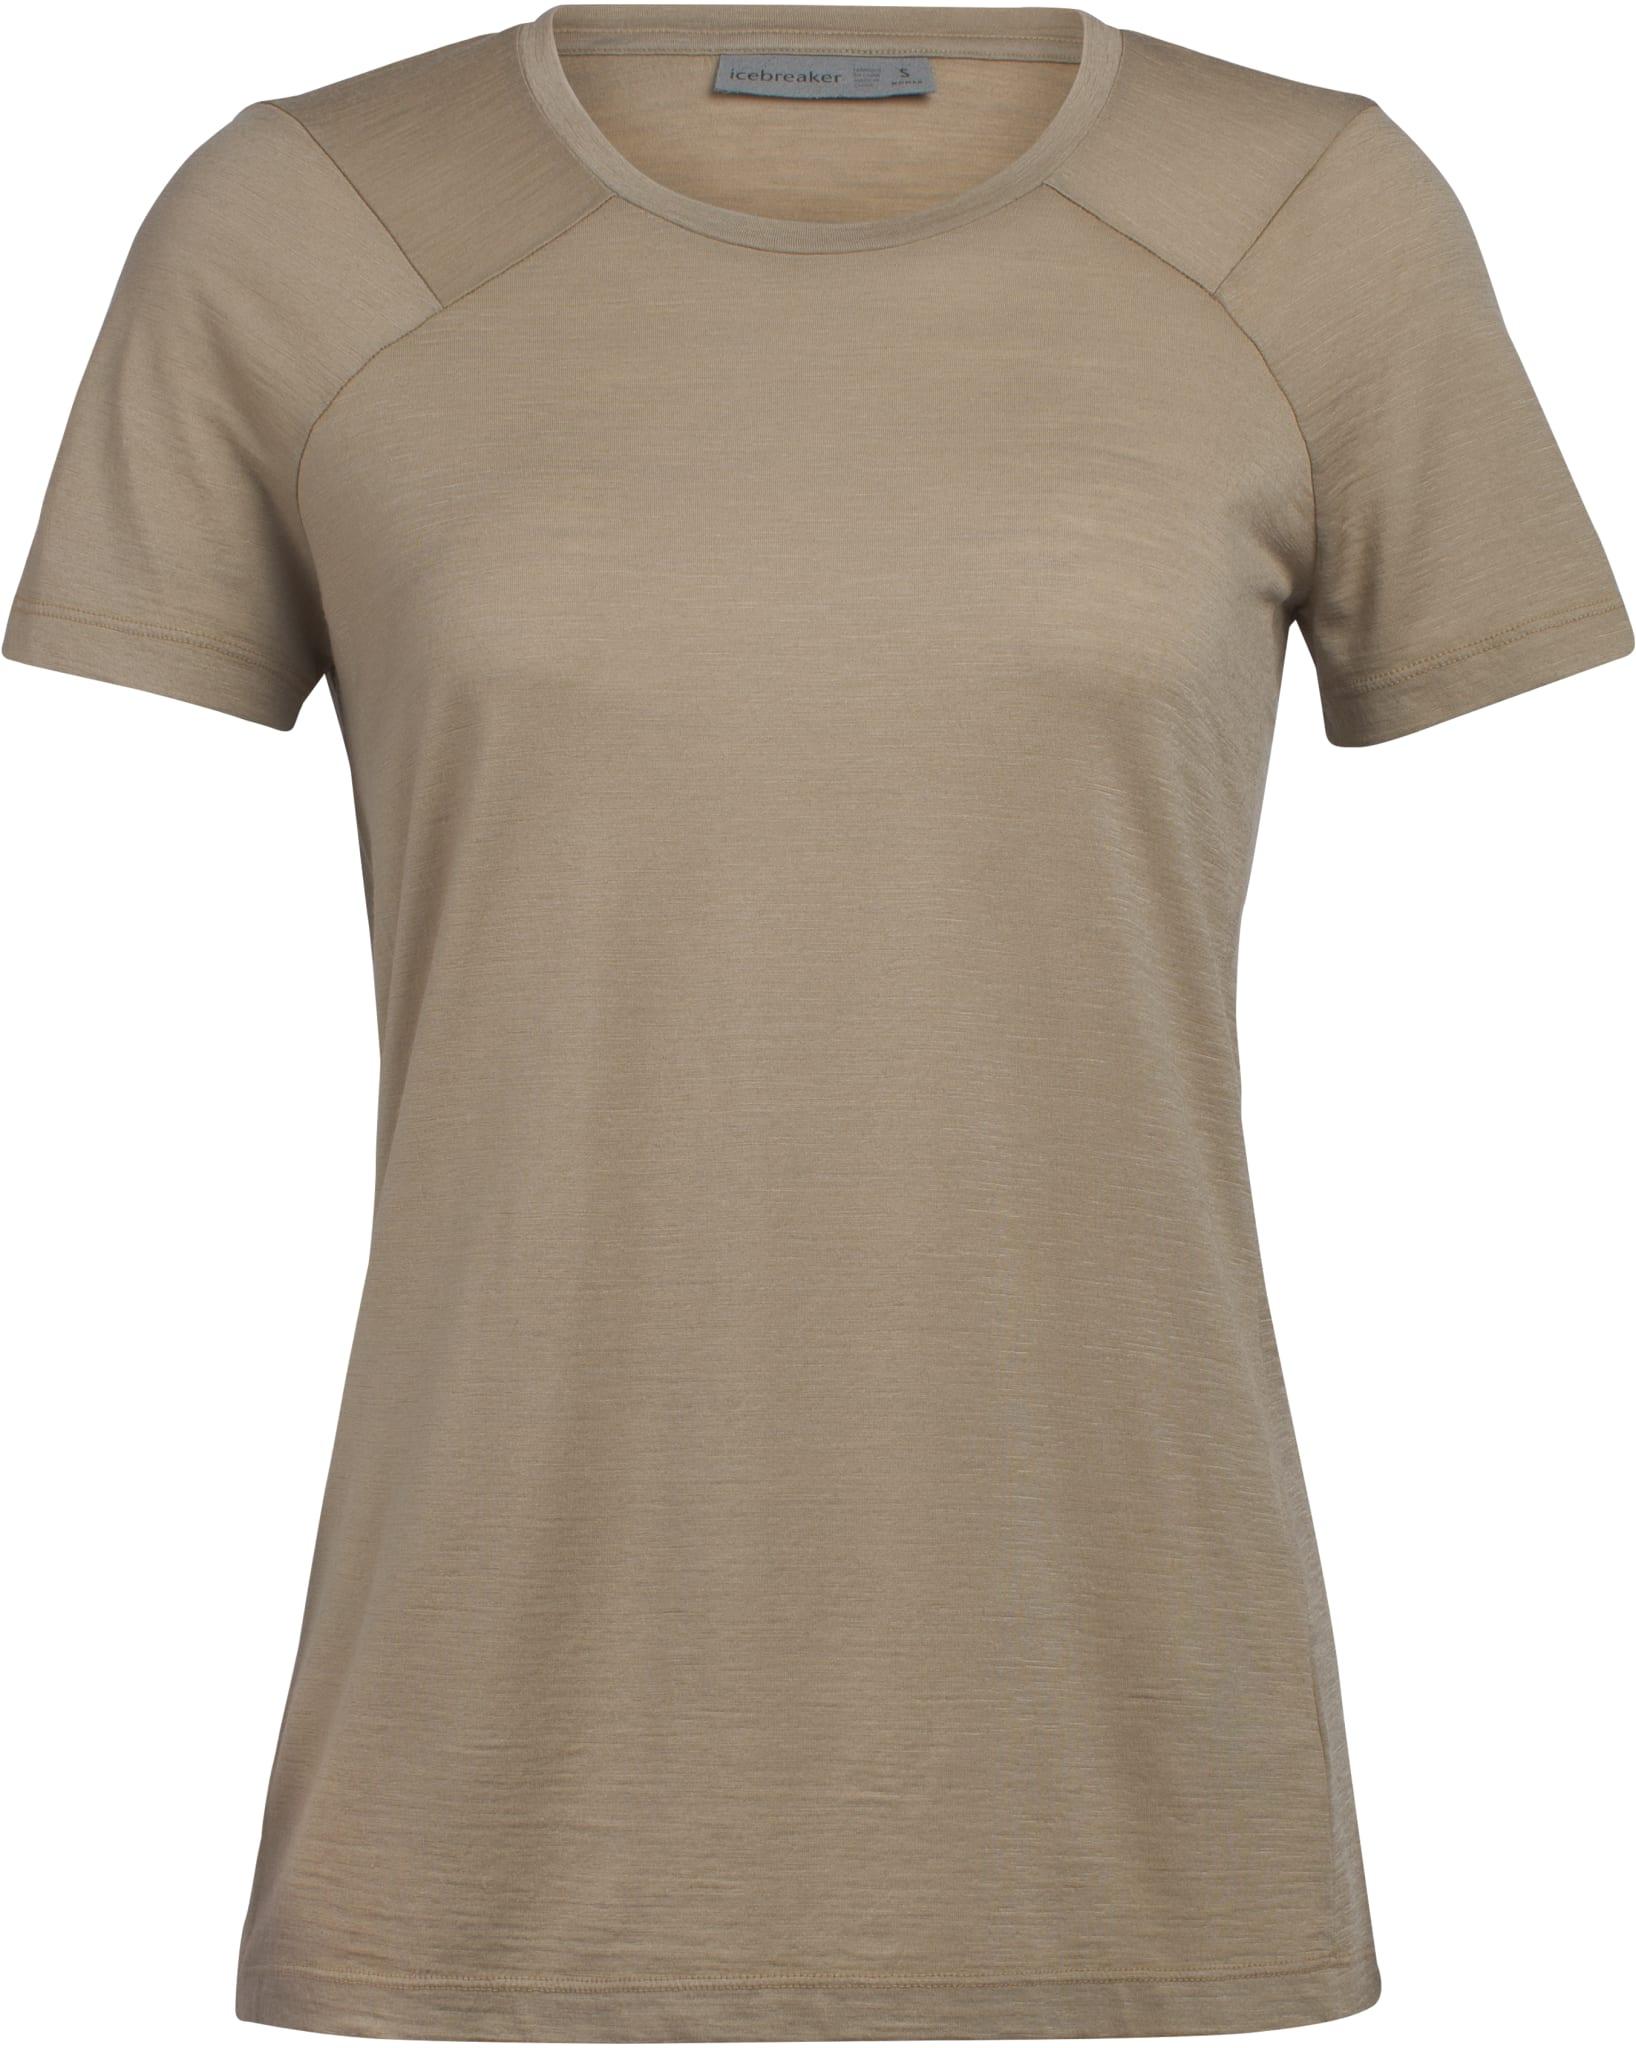 Lett og luftig t-skjorte i merinoull som er farget med naturlige plantepigmenter